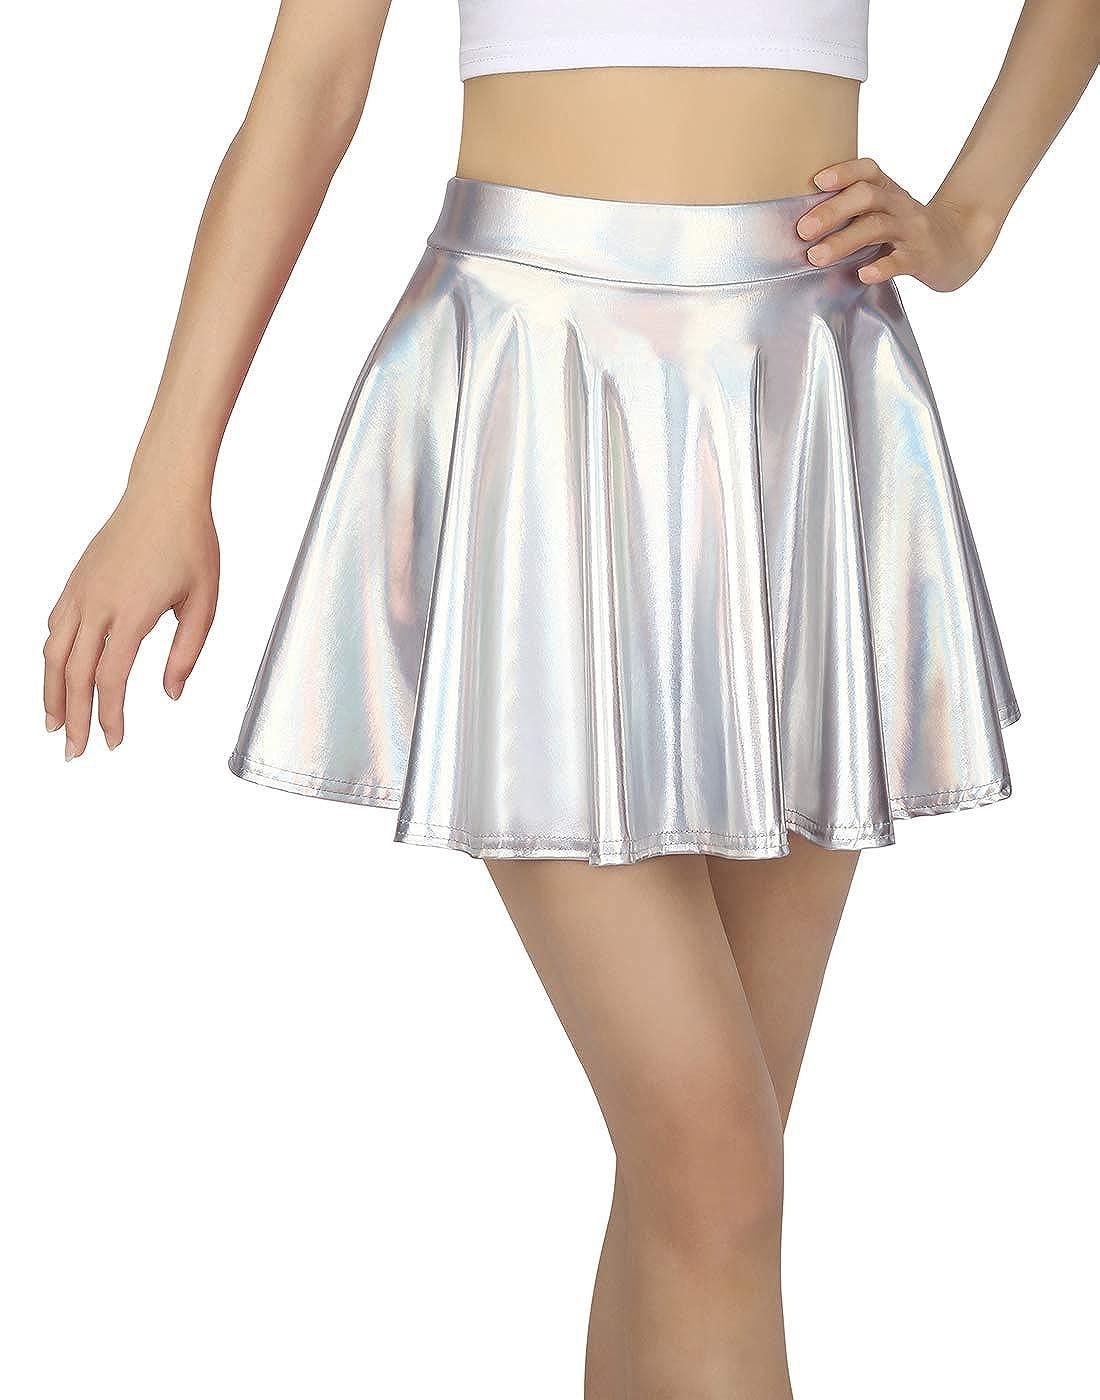 HDE Girls Metallic Skater Skort Dance Athletic Shiny Holographic Scooter Skirt